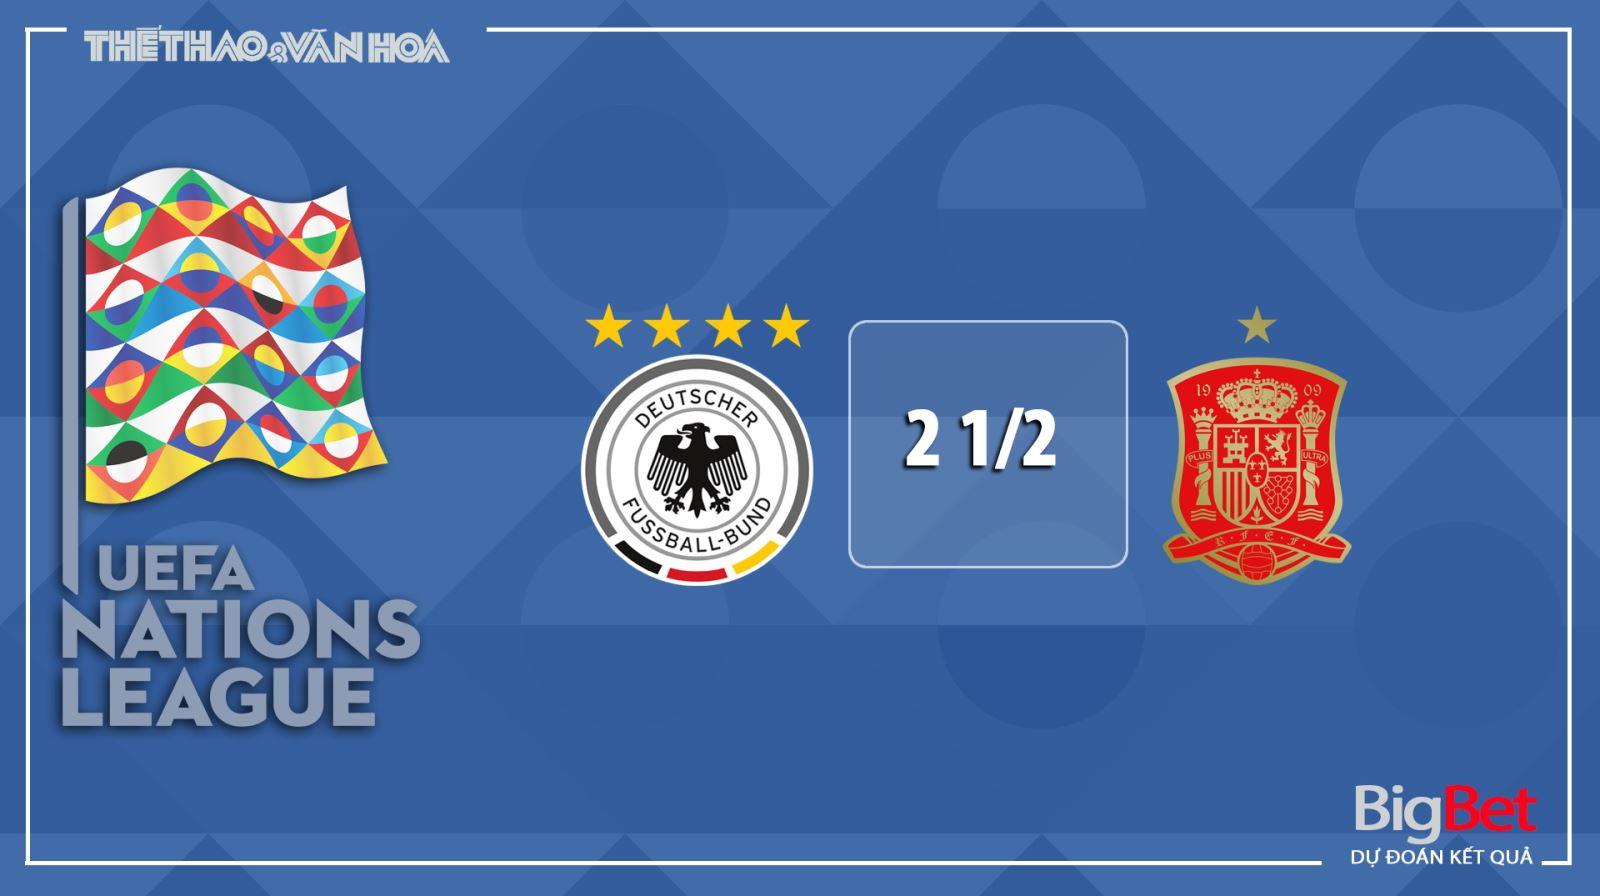 Keo nha cai, kèo nhà cái, Đức vs Tây Ban Nha, UEFA Nations League 2020-21, Trực tiếp BĐTV, trực tiếp Đức đấu với Tây Ban Nha, kèo Đức, soi kèo Đức, kèo Đức vs TBN